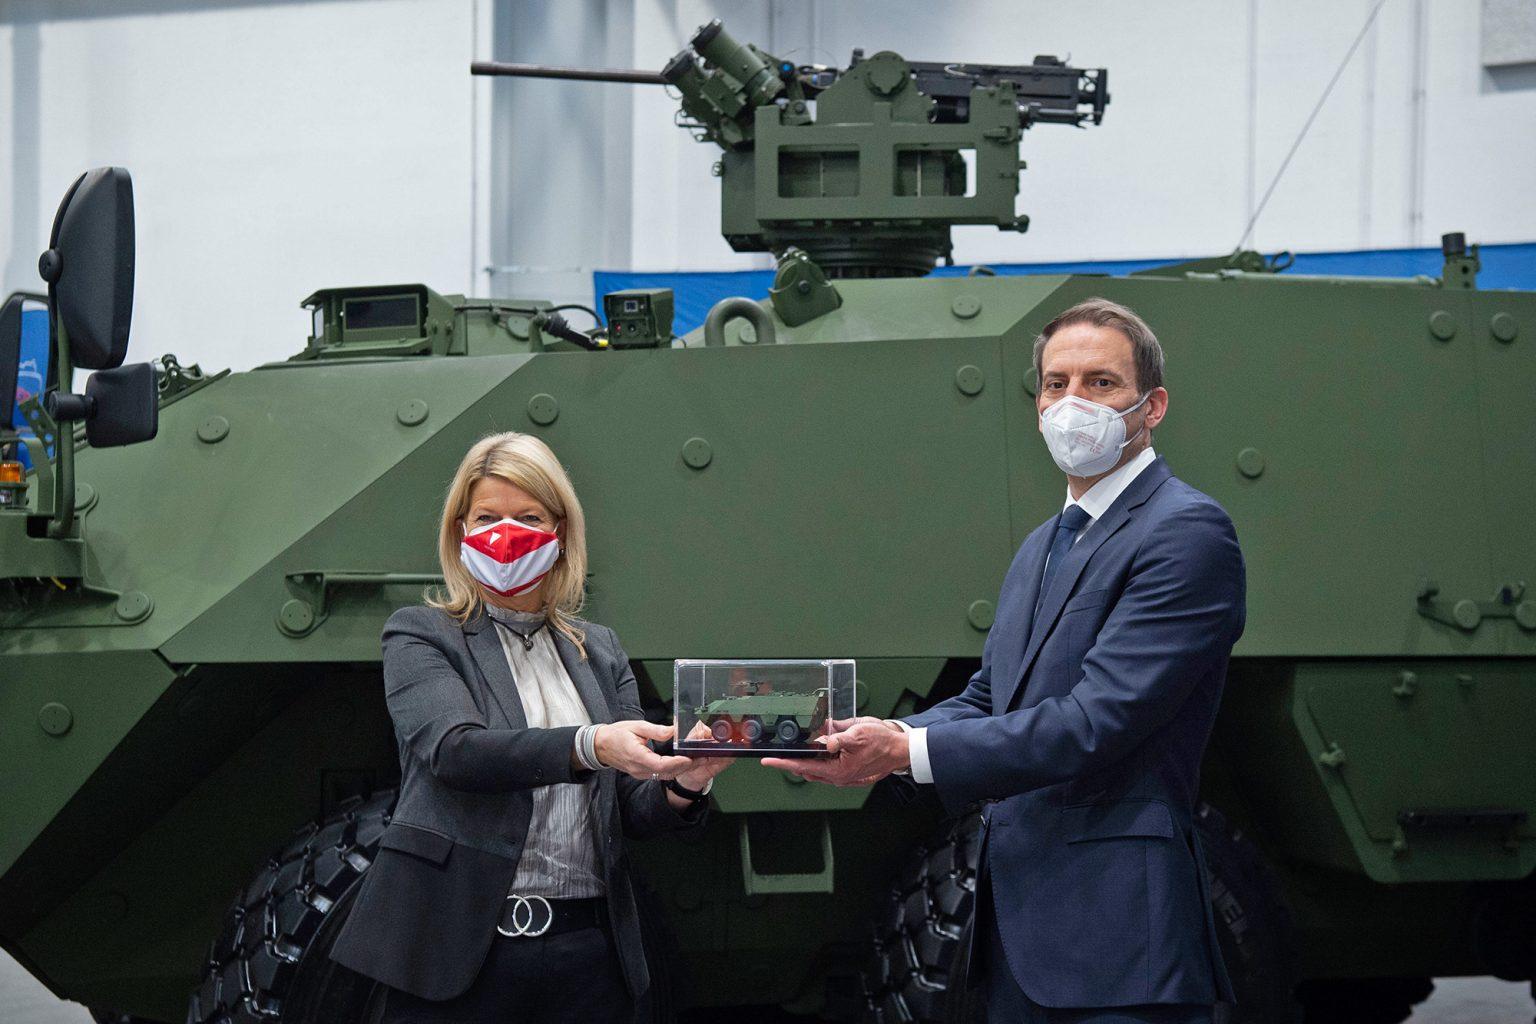 Ministerin Tanner und GDELS-Steyr Geschäftsführer Martin Reischer bei der Vertragsunterzeichnung für den PANDUR EVOLUTION © Bundesheer